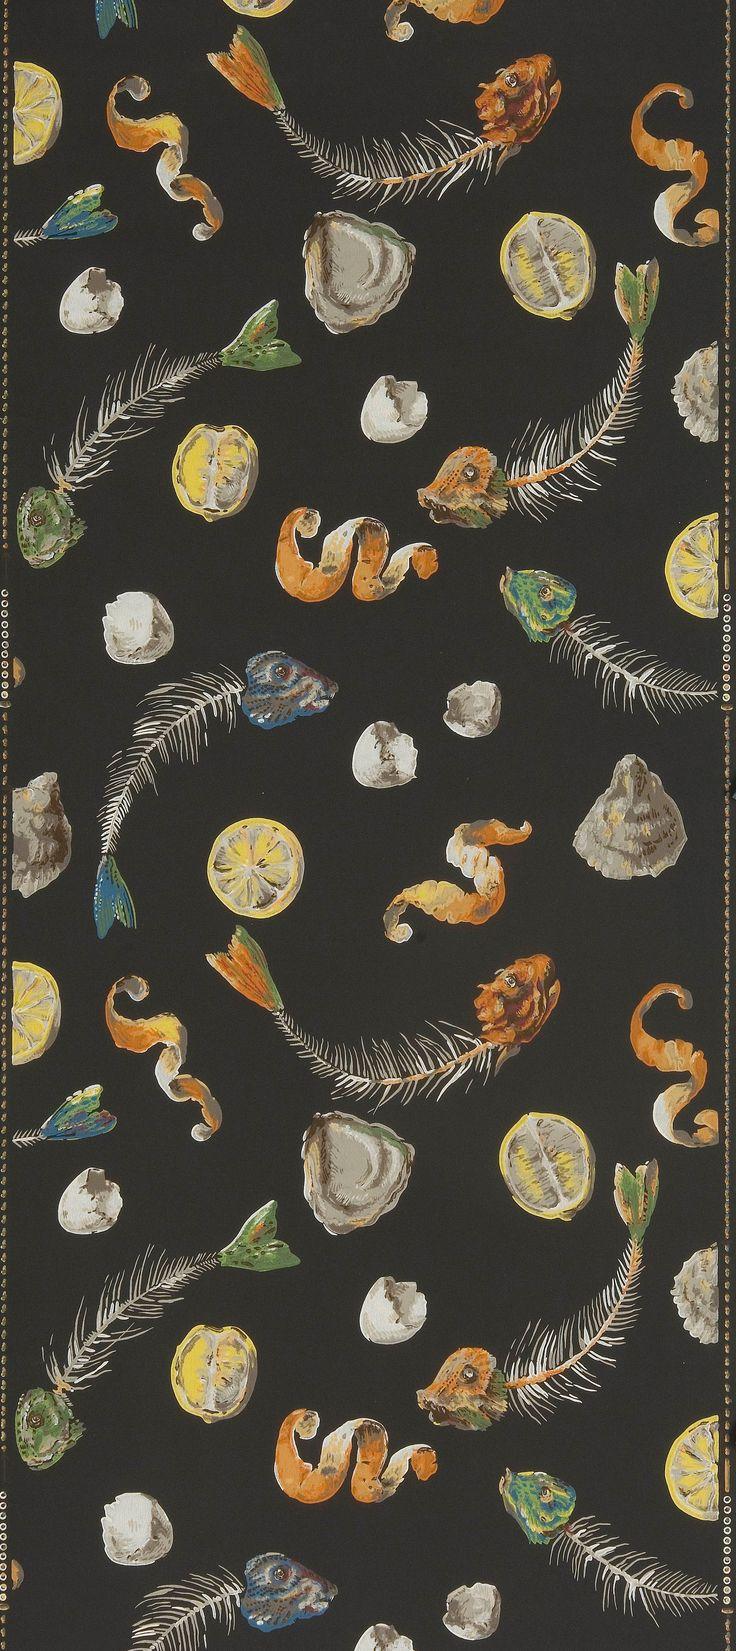 * Lendemain de fête 1948 papier peint - Leonor Fini et Jacques Hincelin pour les papiers peints SANITEX